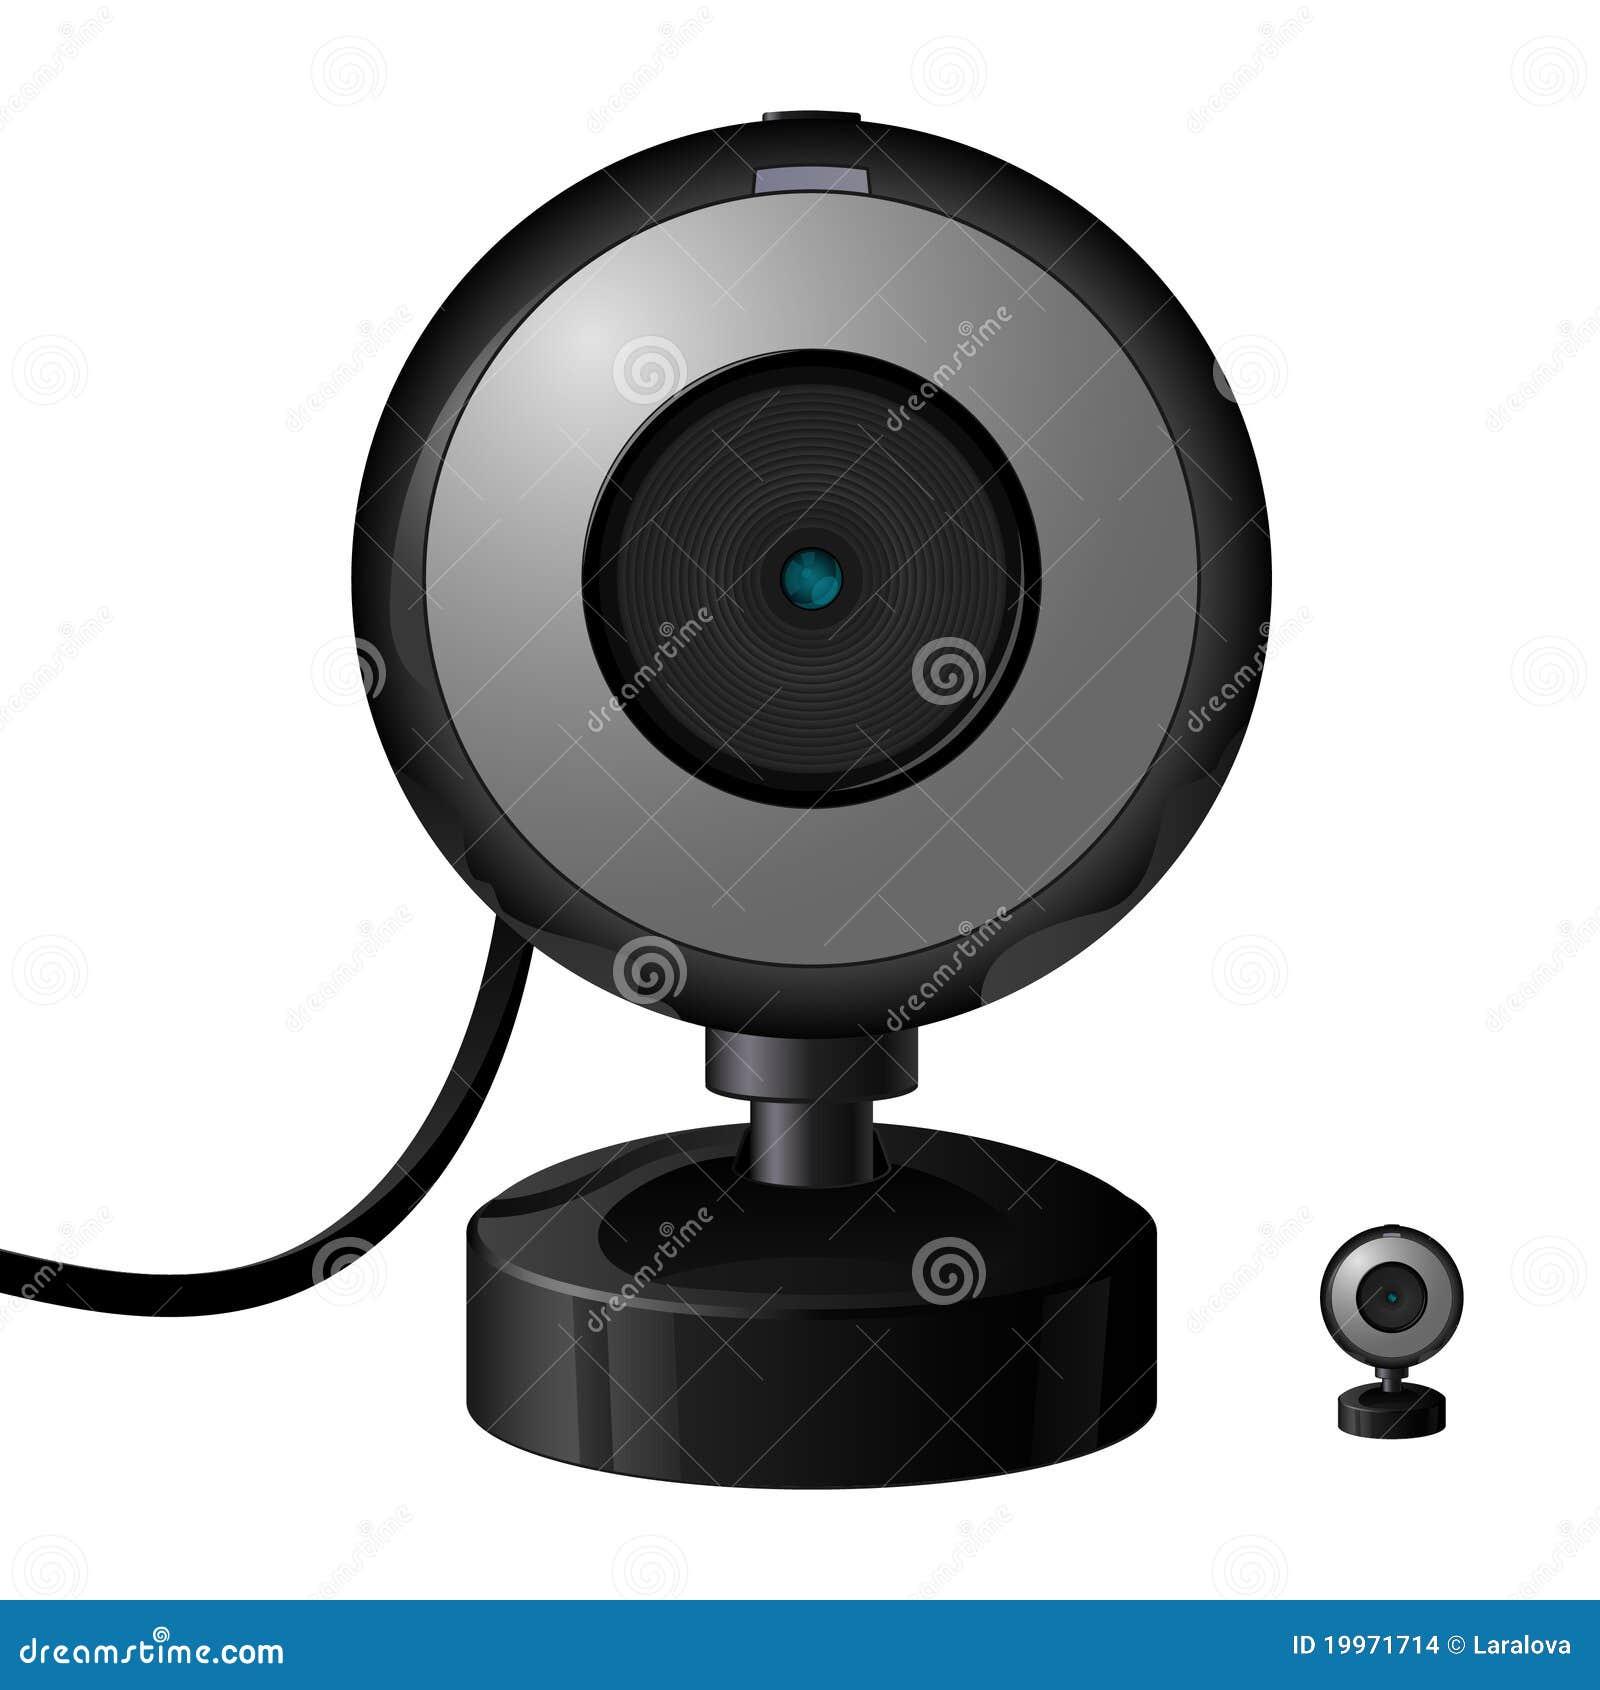 Webcam capture our meeting - 1 part 4